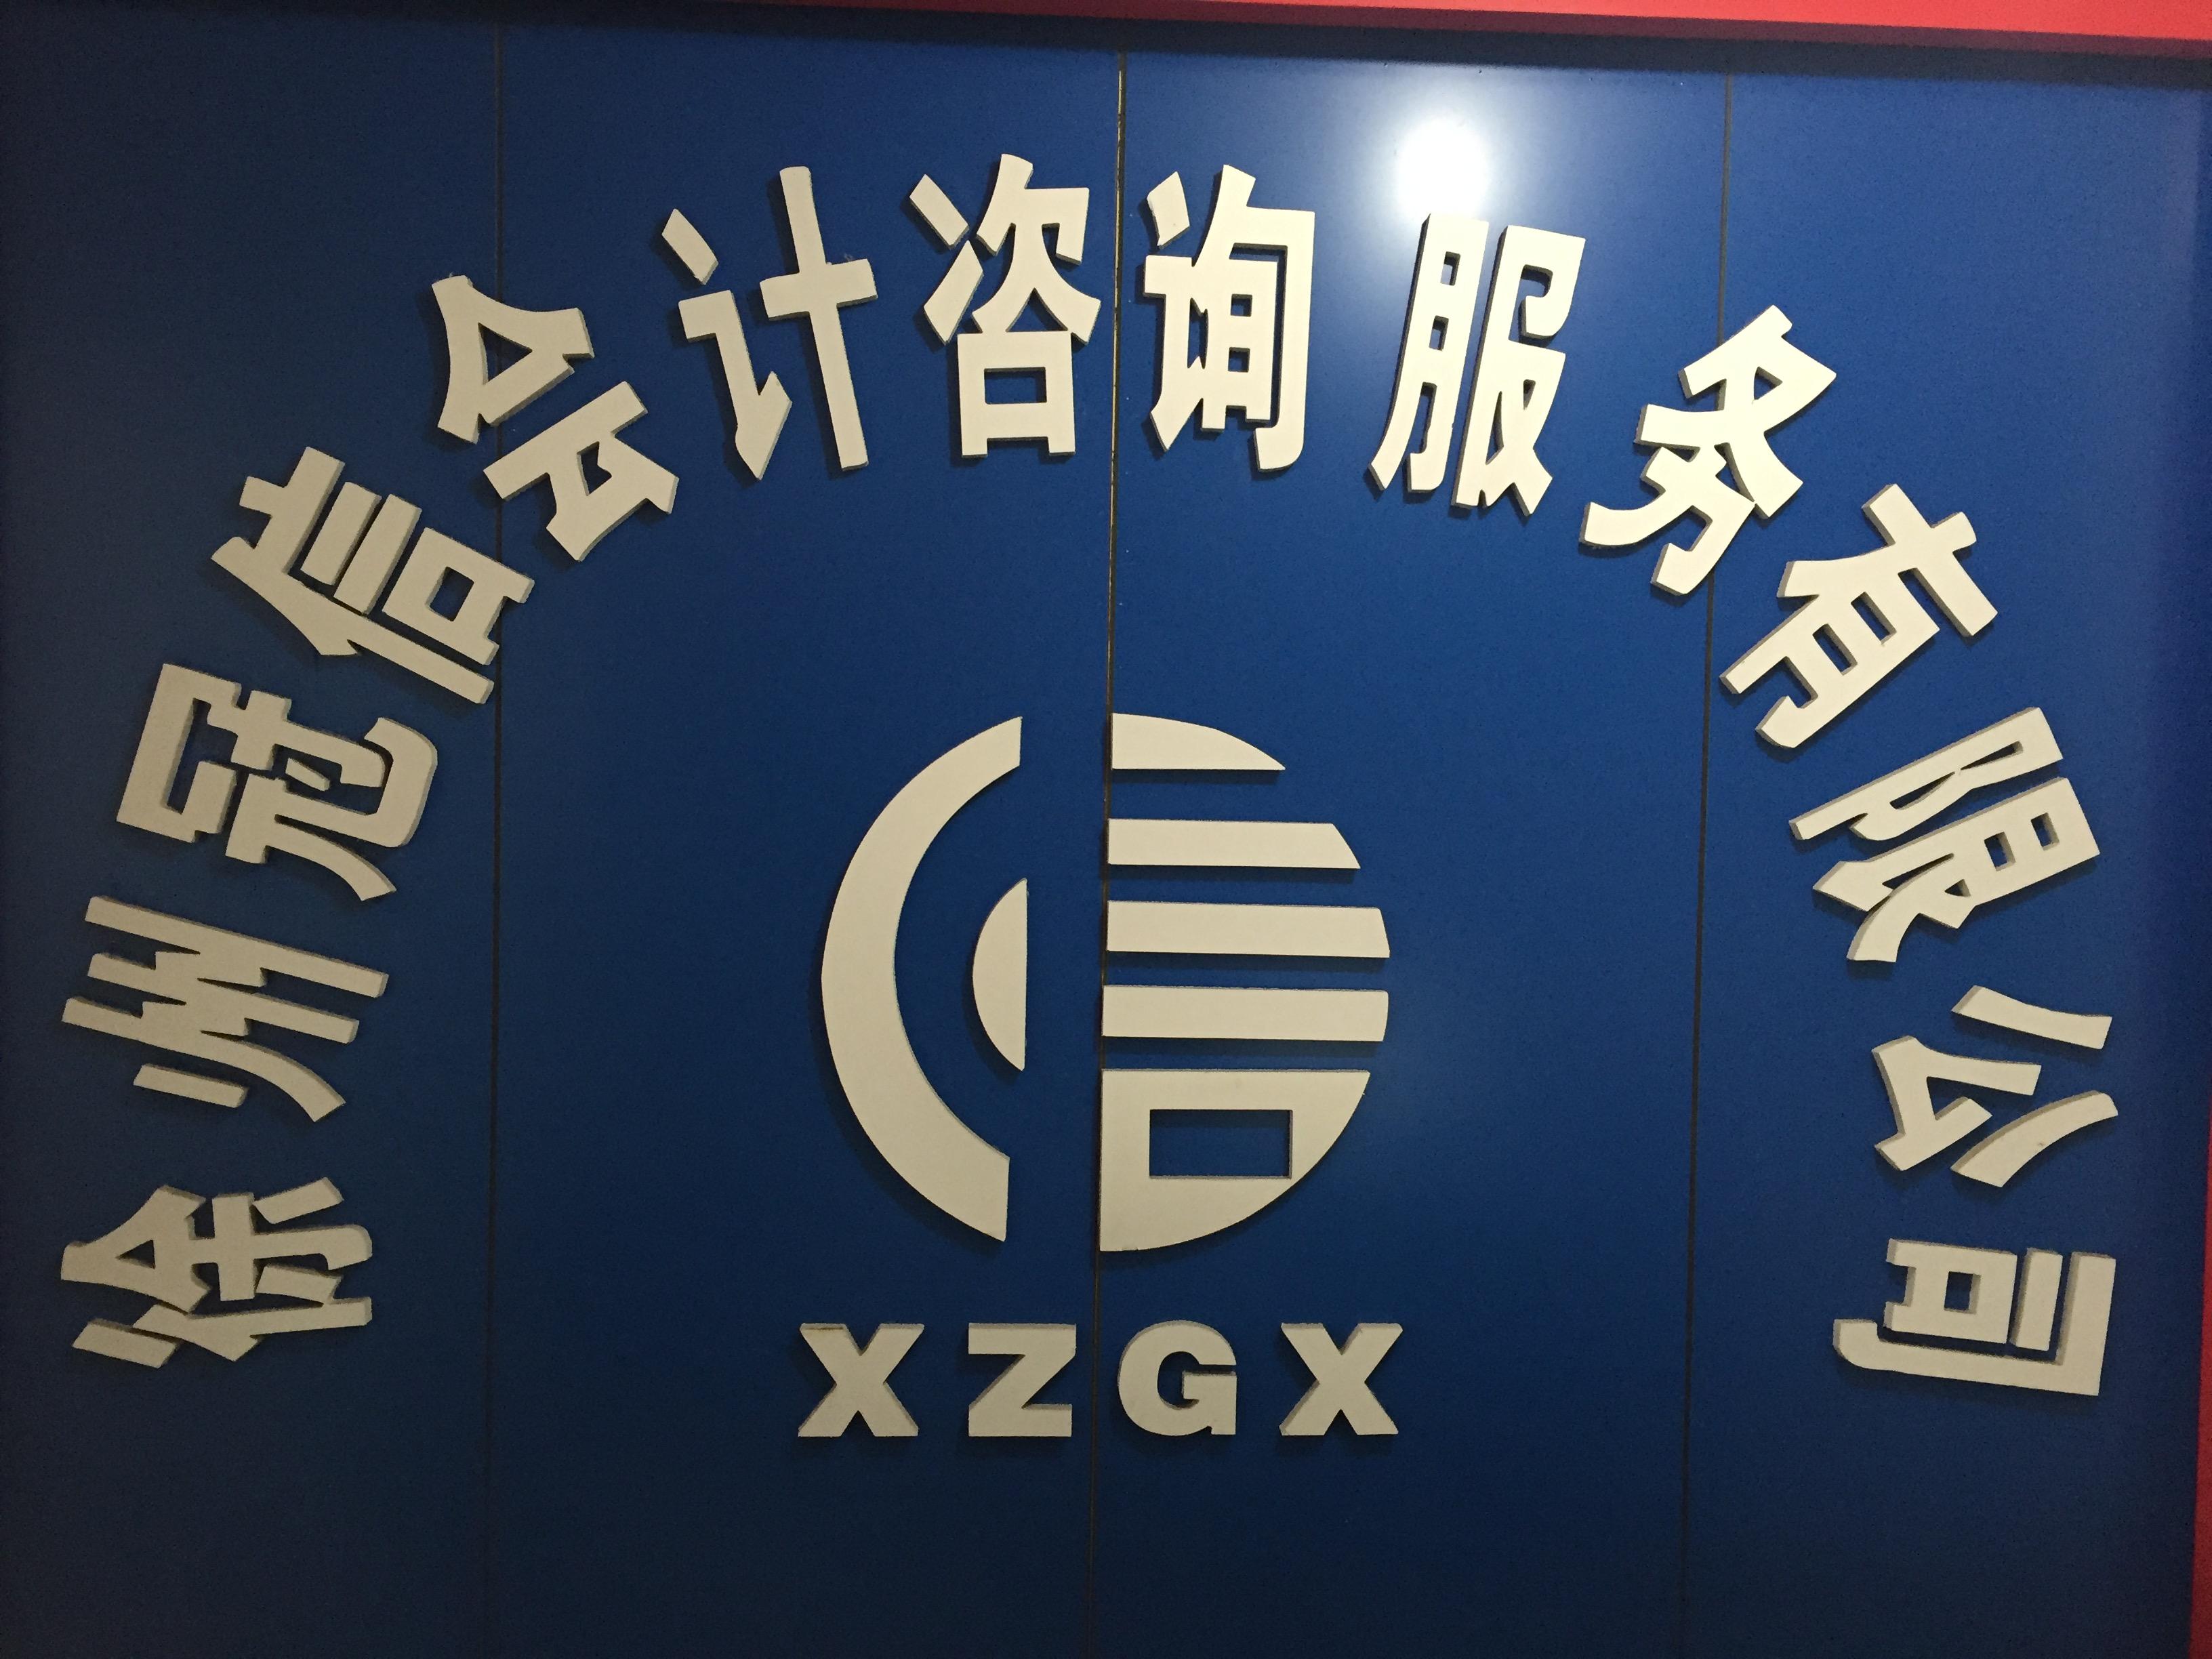 徐州冠信会计咨询服务有限公司的企业标志